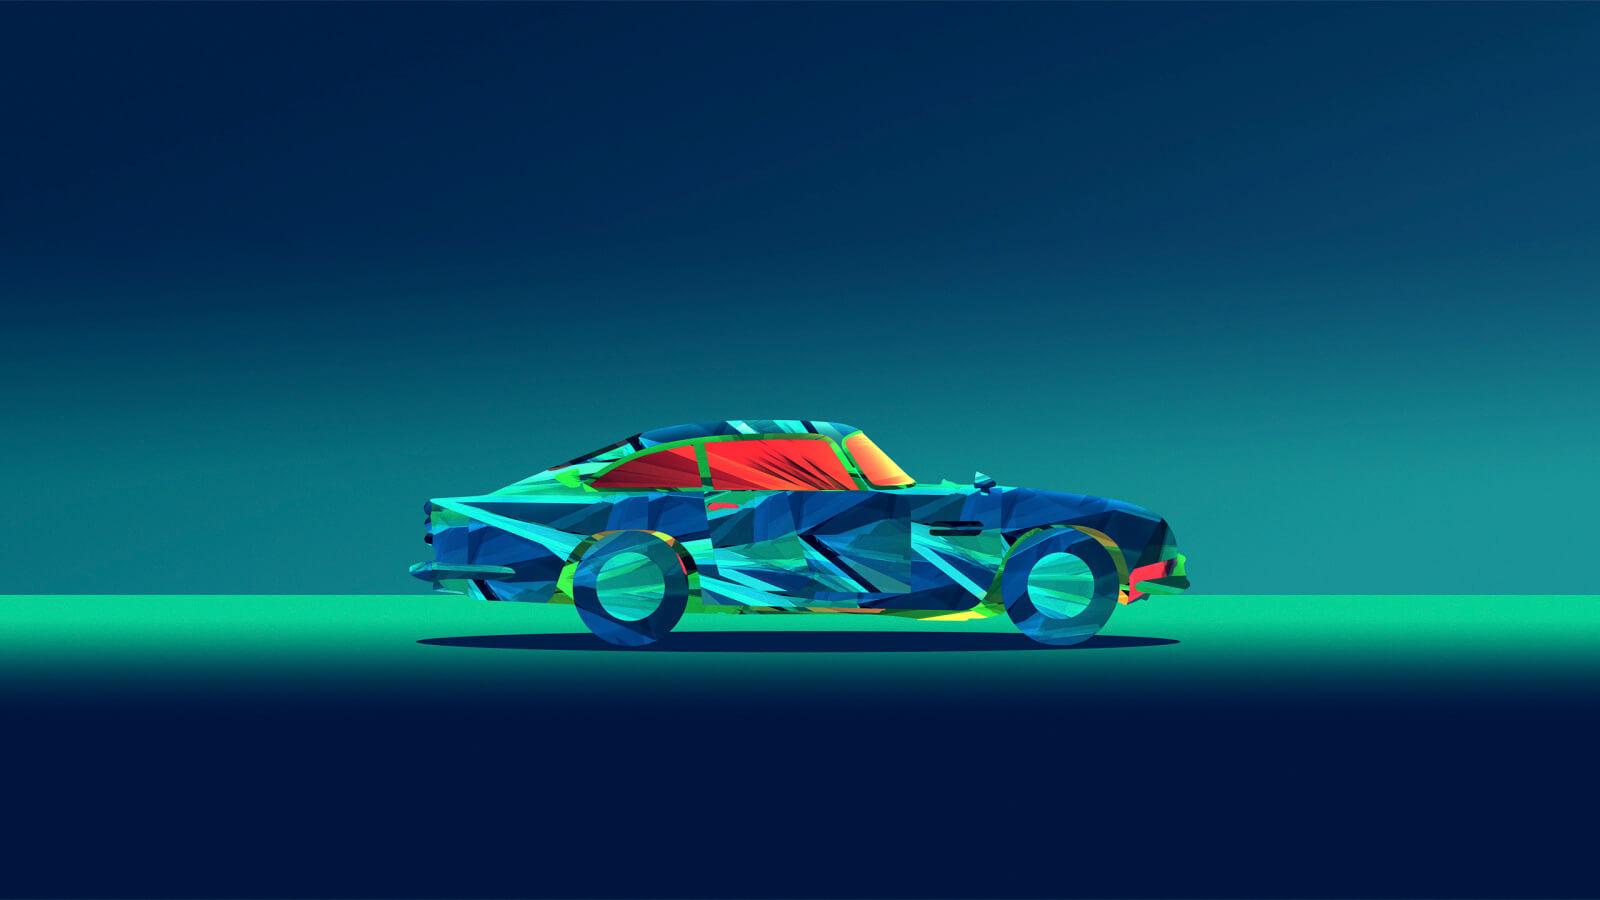 מכונית מגניבה